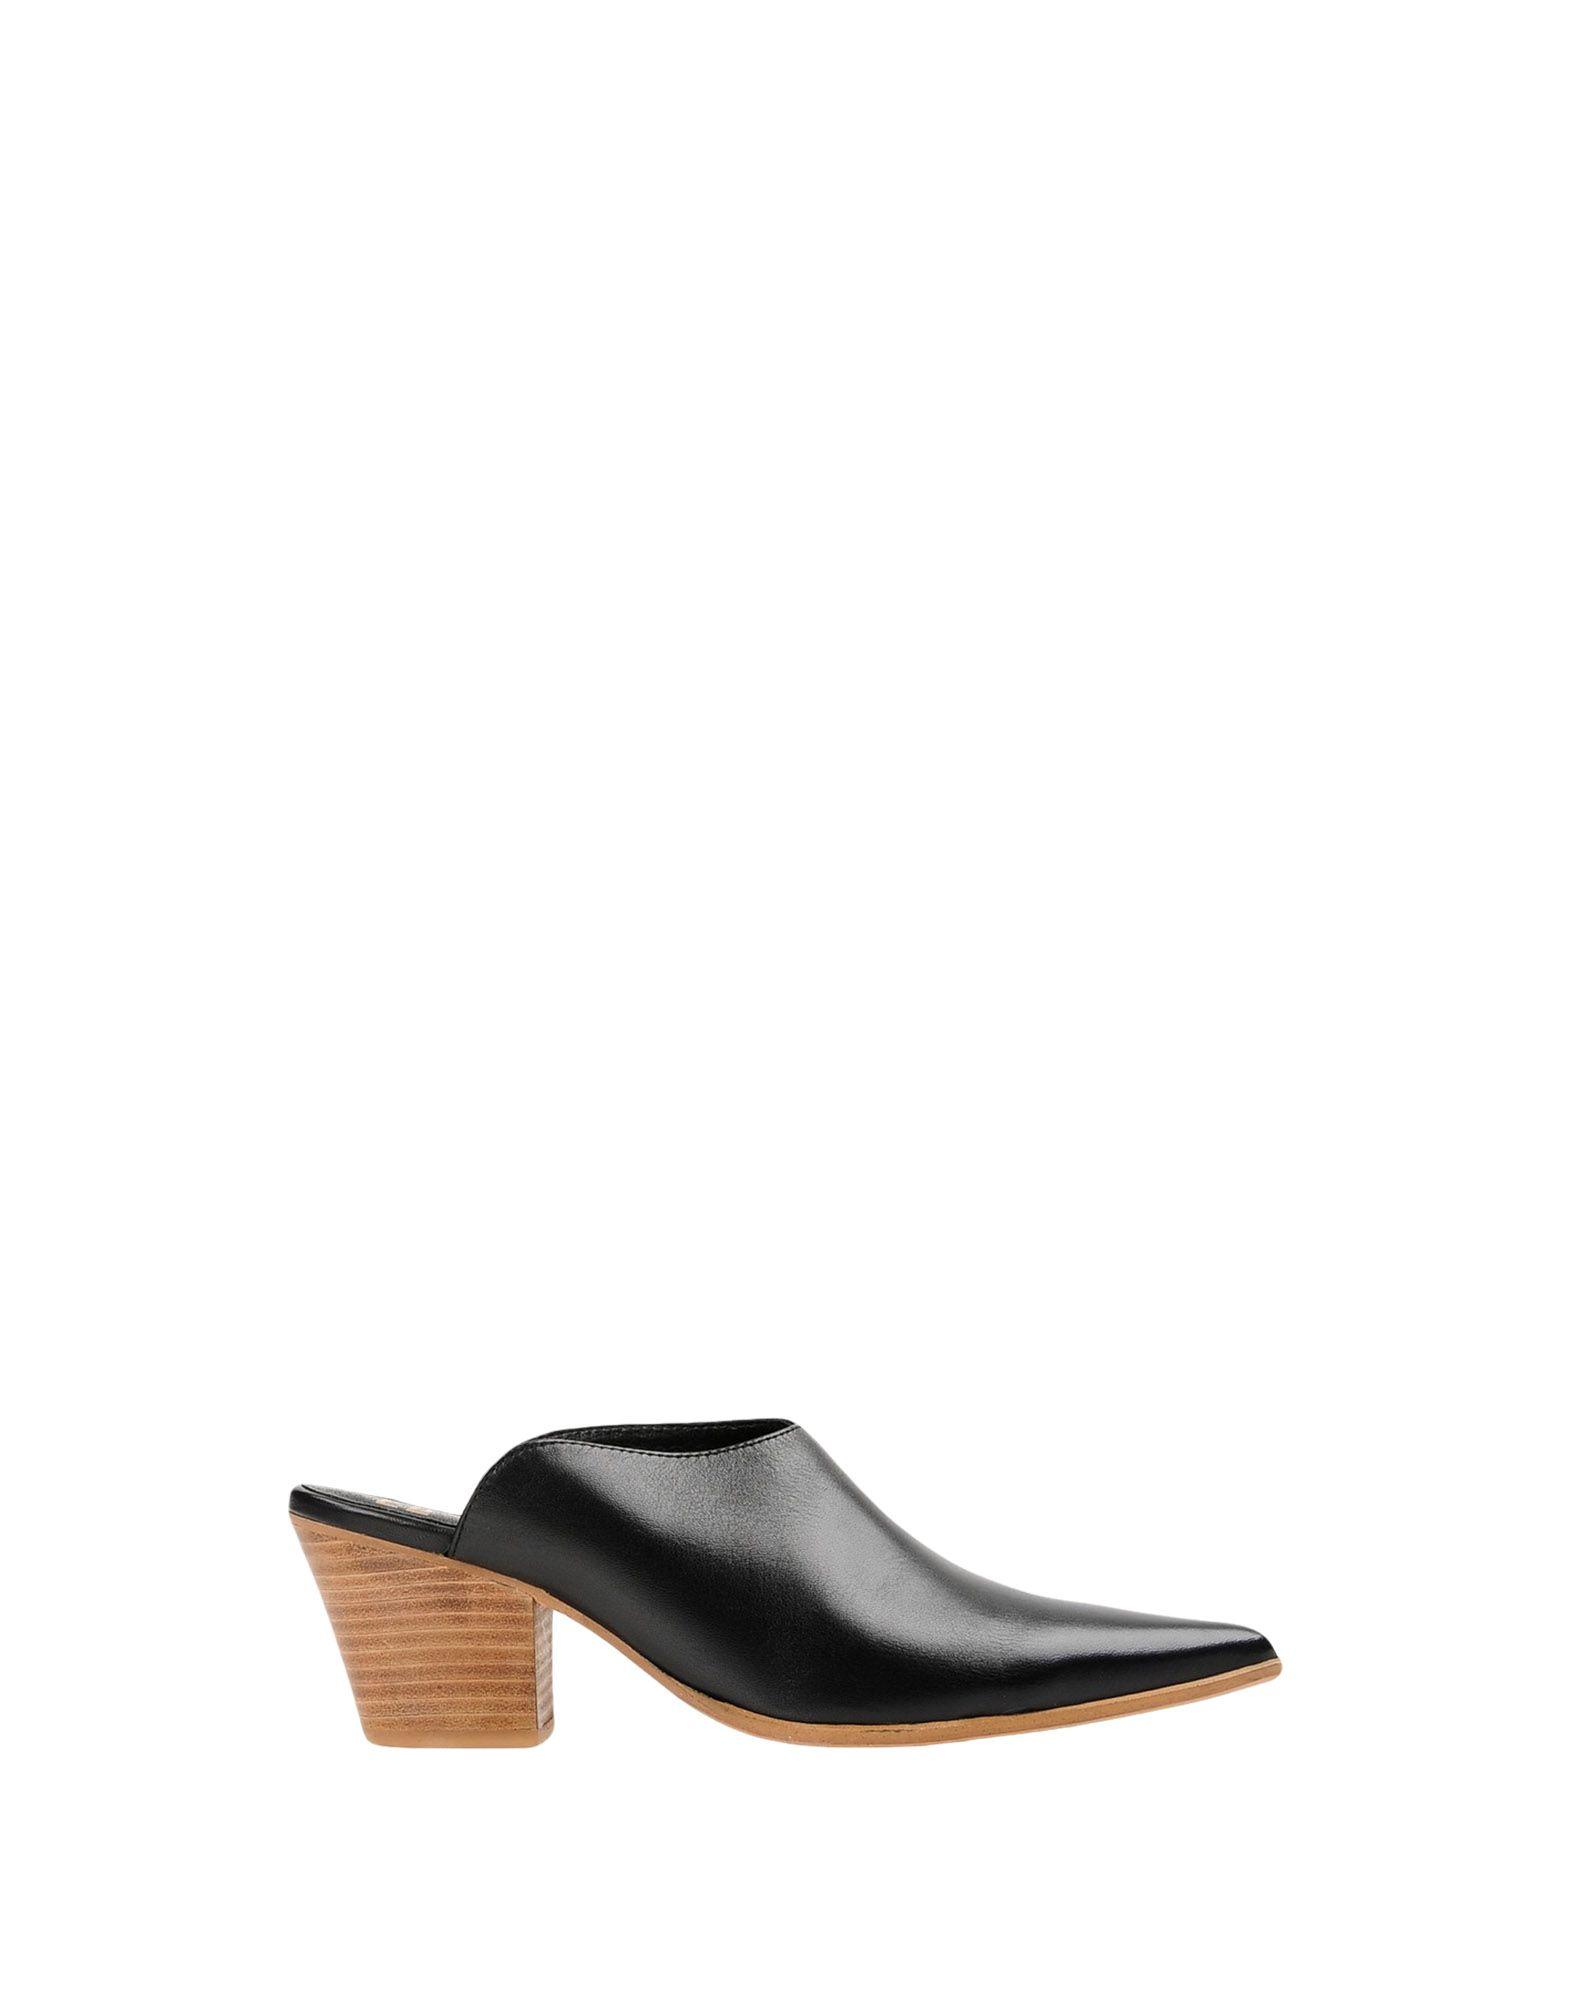 E8 By Miista Pantoletten Damen Schuhe  11368994RT Neue Schuhe Damen 7e357e